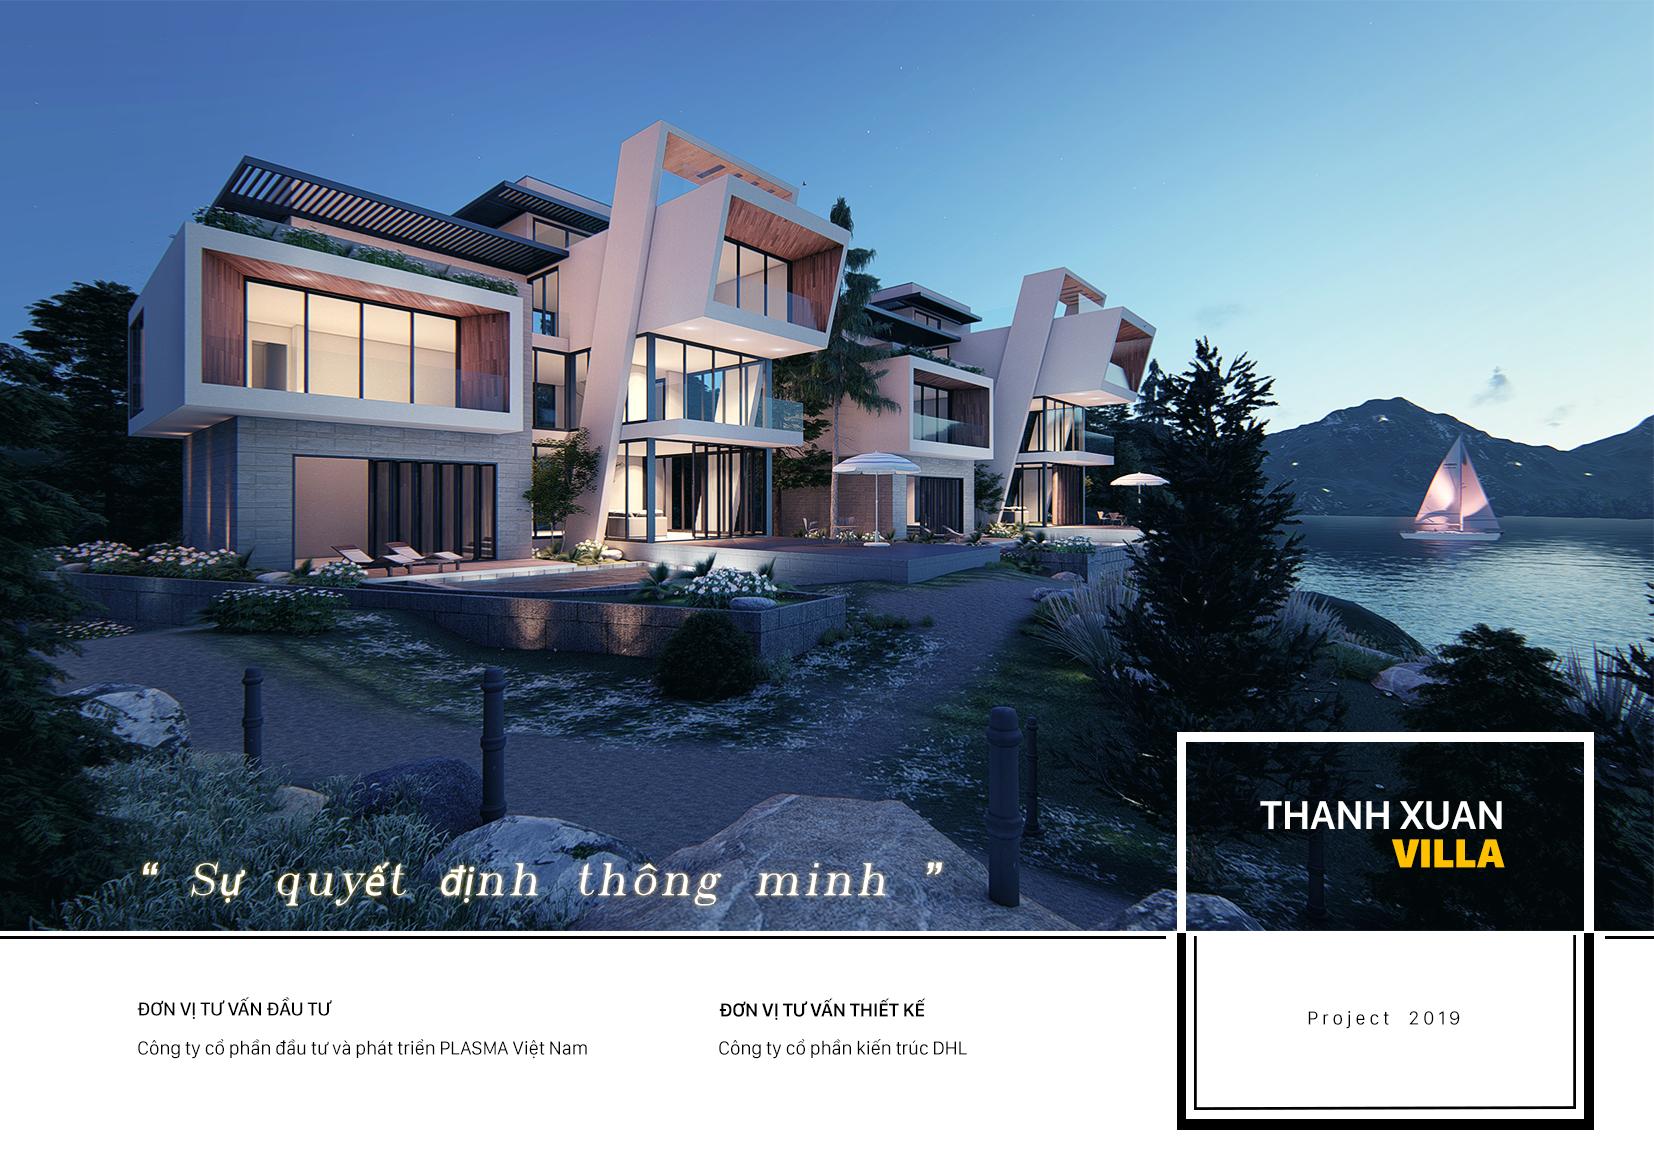 thiết kế Biệt Thự 3 tầng tại Vĩnh Phúc TX- Villas 0 1562065348